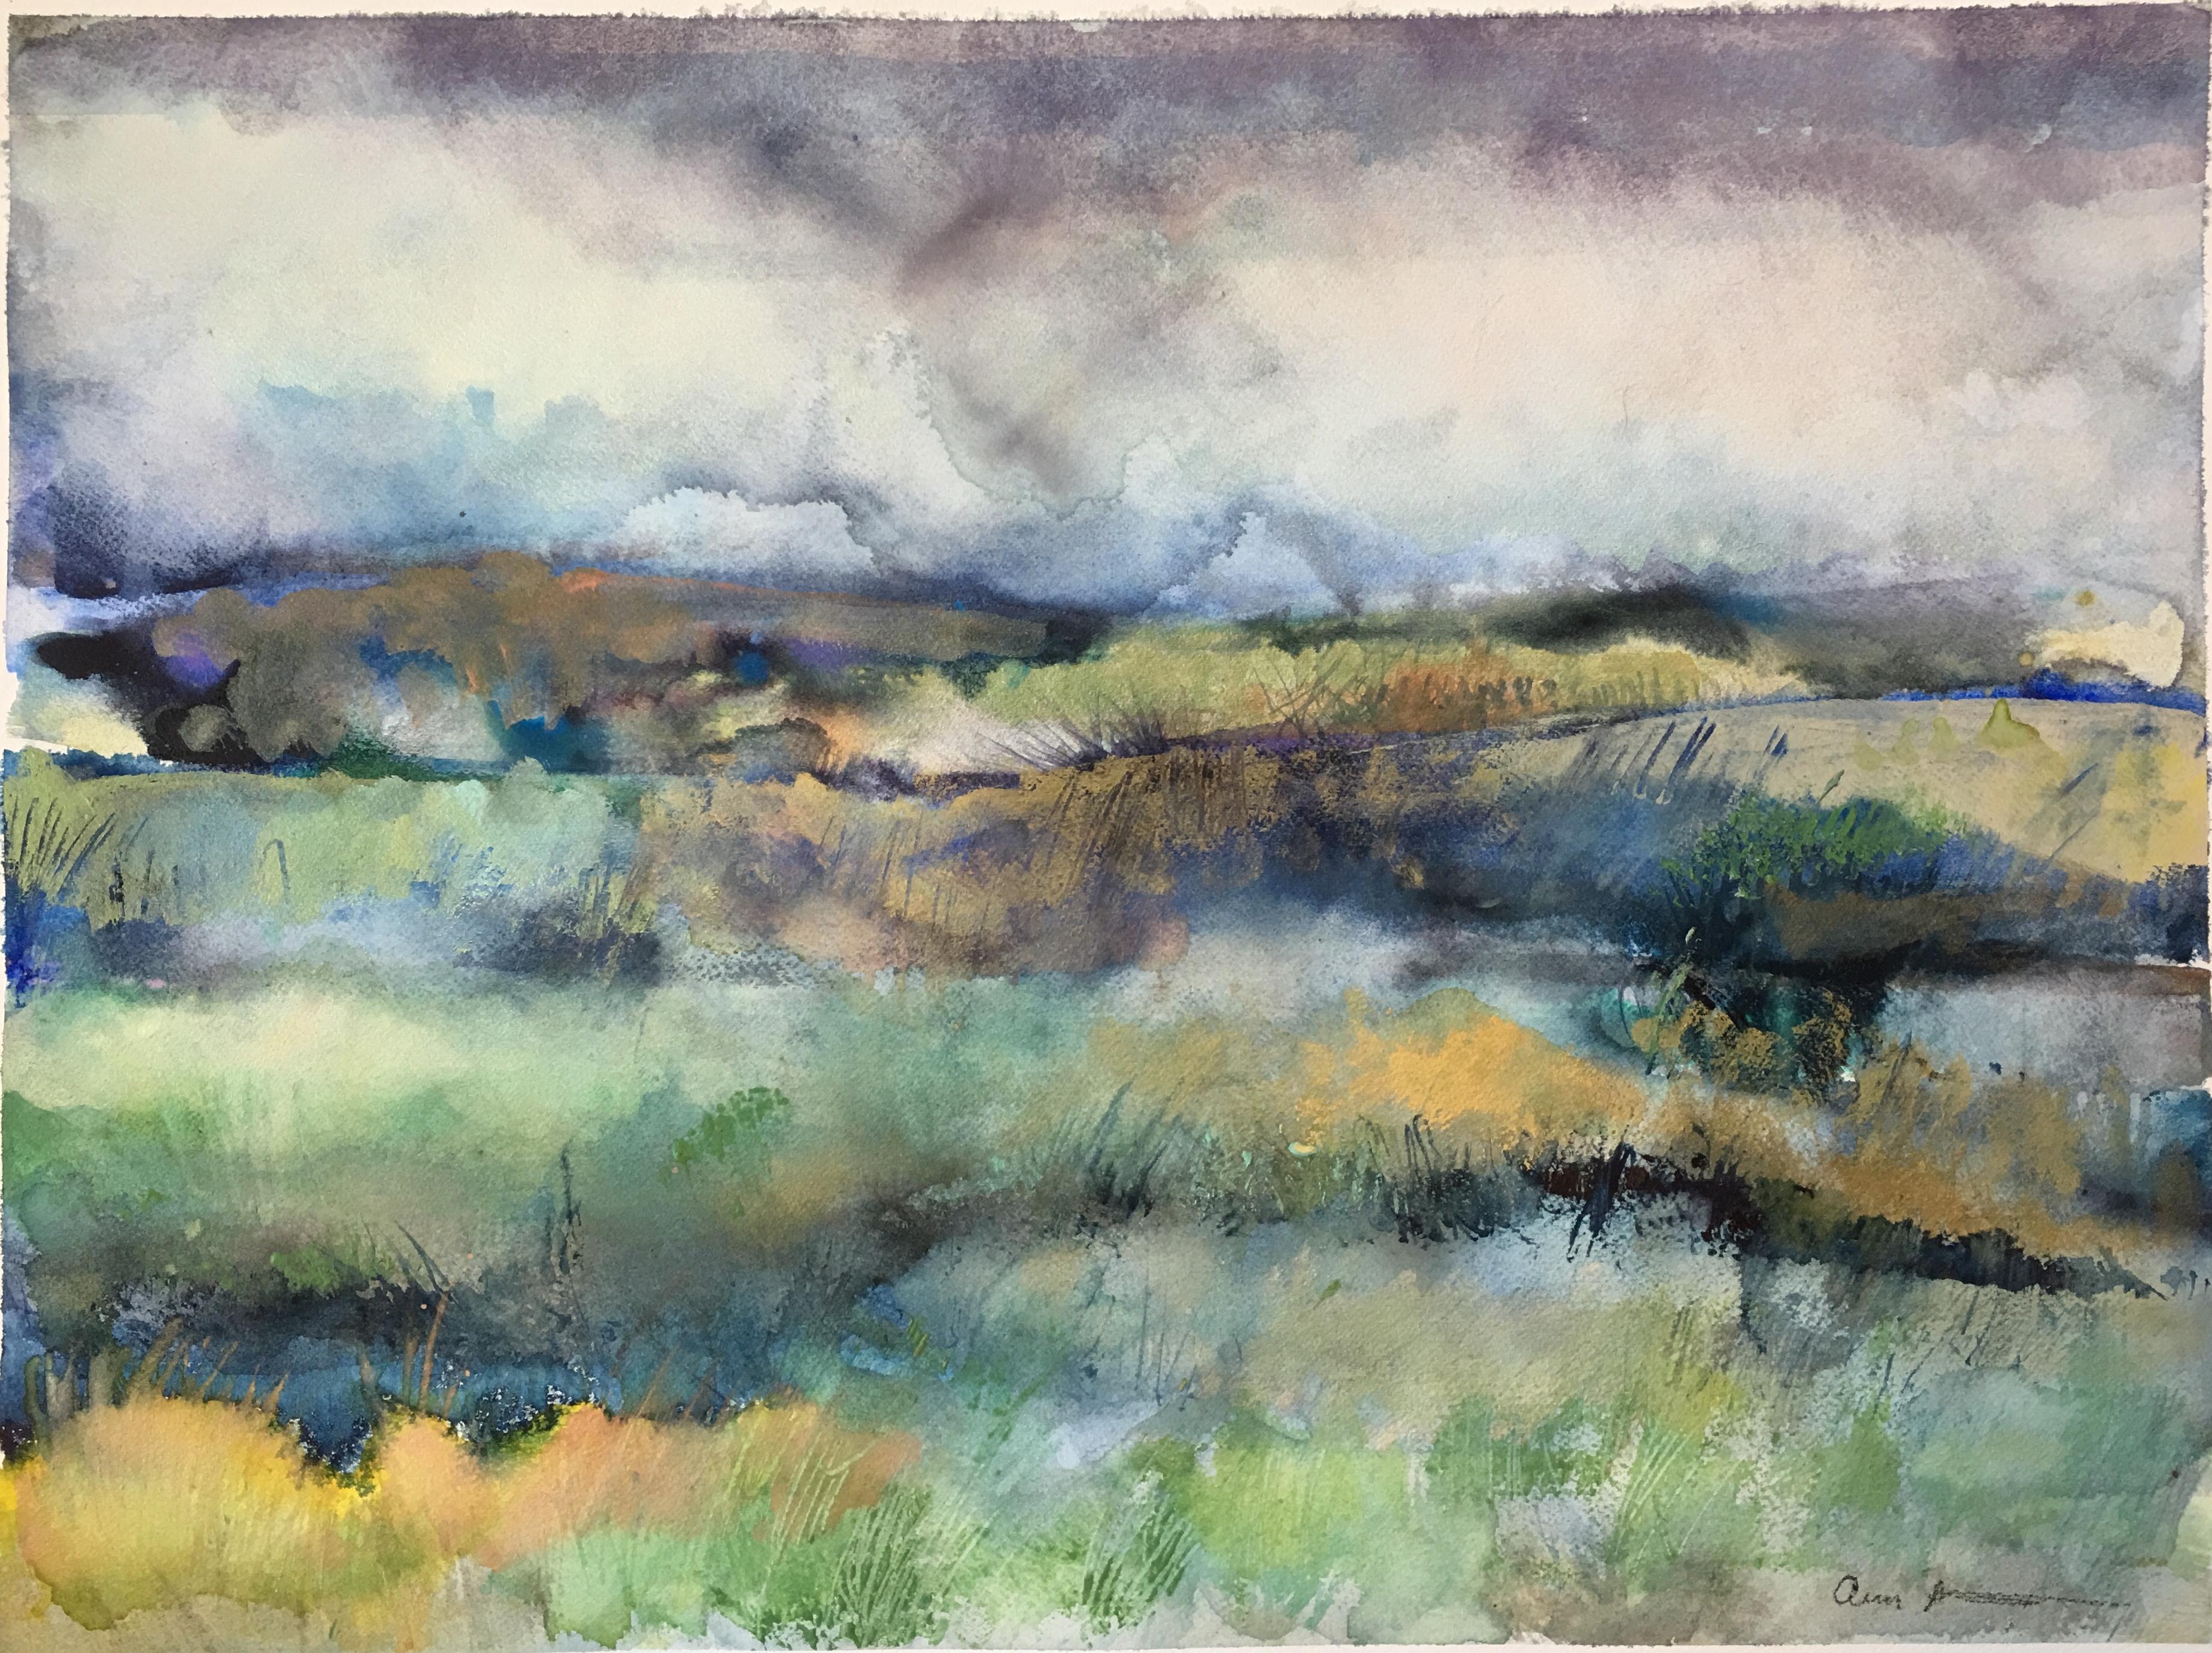 Driftless Ridges by Ann Stretton